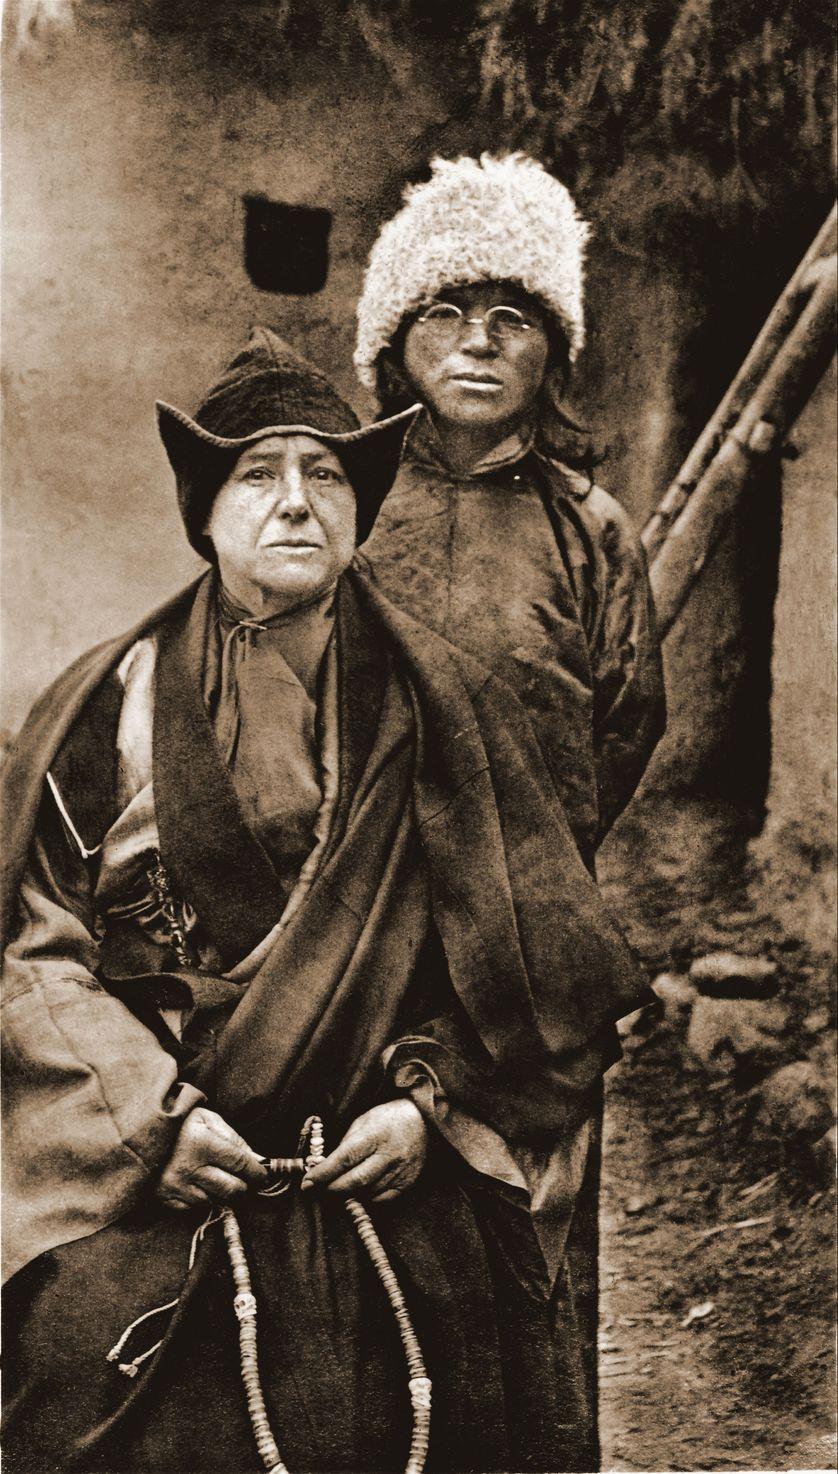 Alexandra et Yongden, au Tibet septentrional, vers 1920-1923, Maison A. David-Neel, Digne-les-Bains